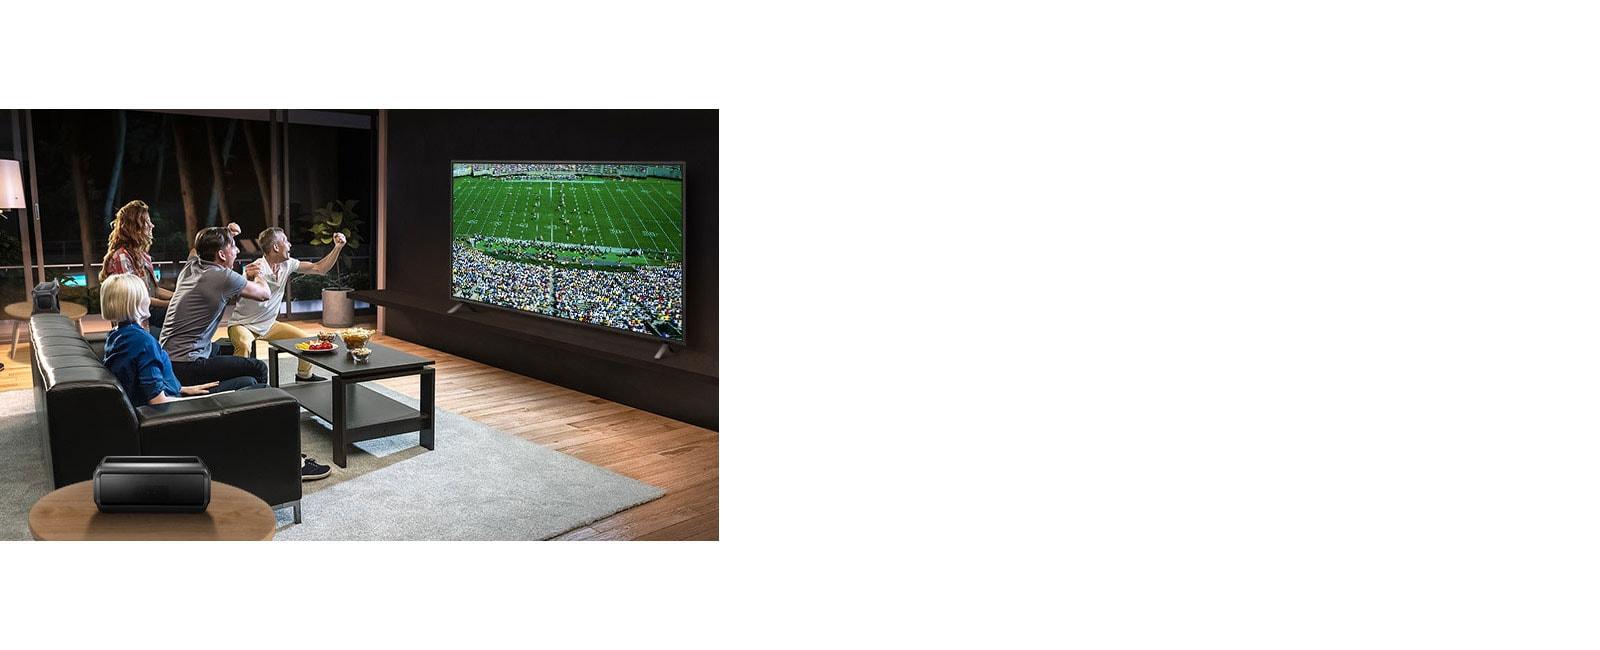 أناس يشاهدون الألعاب الرياضية على شاشة التلفزيون في غرفة المعيشة مع مكبرات صوت خلفية تعمل بتقنية البلوتوث.